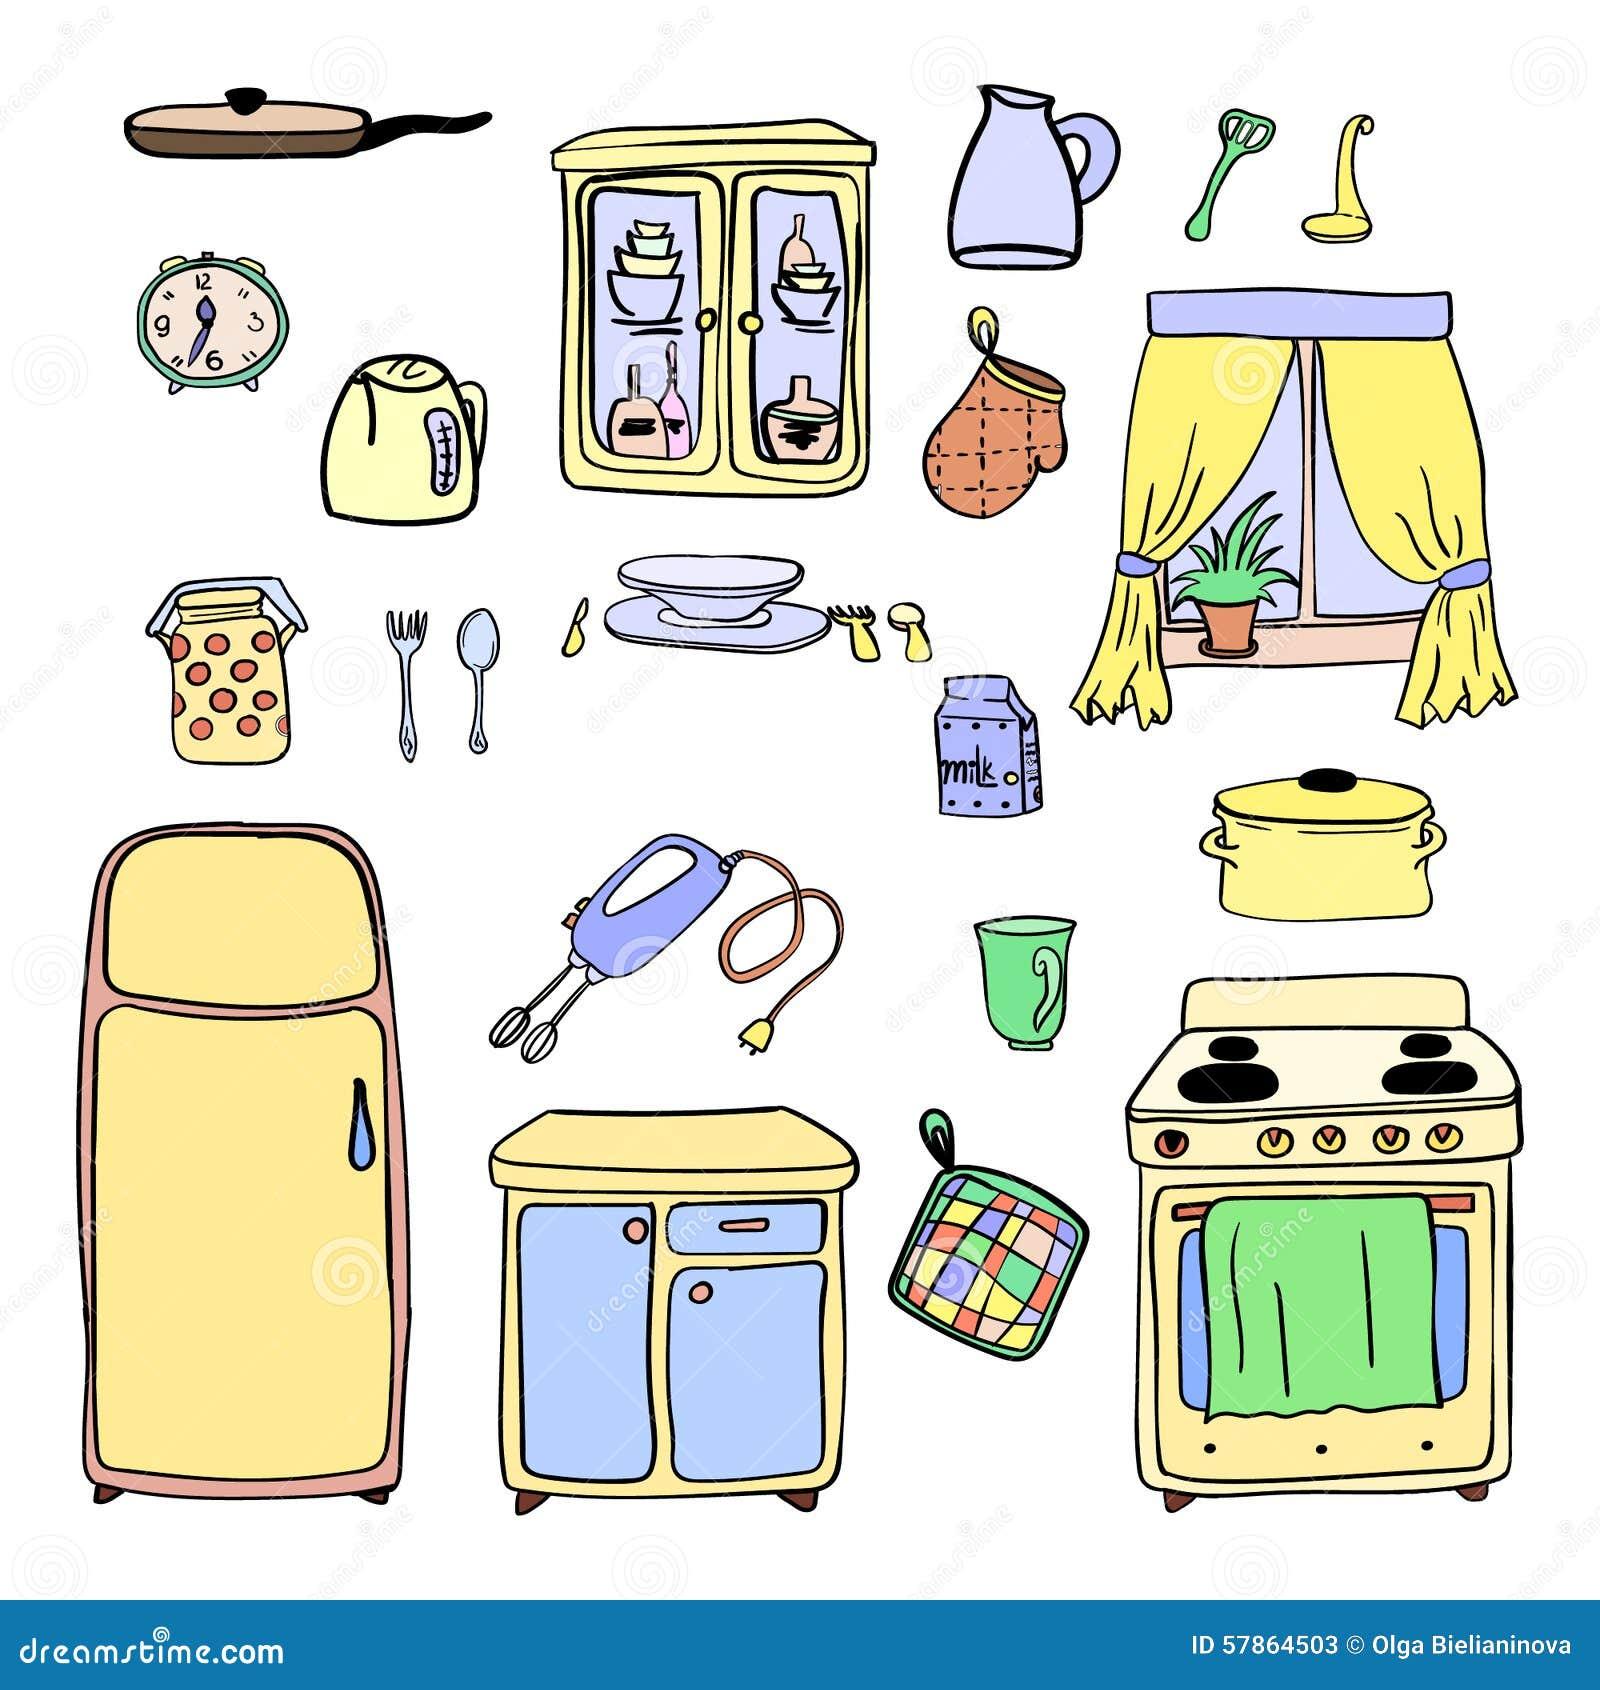 strumenti della cucina, cucinanti le icone illustrazione ... - Strumenti Cucina